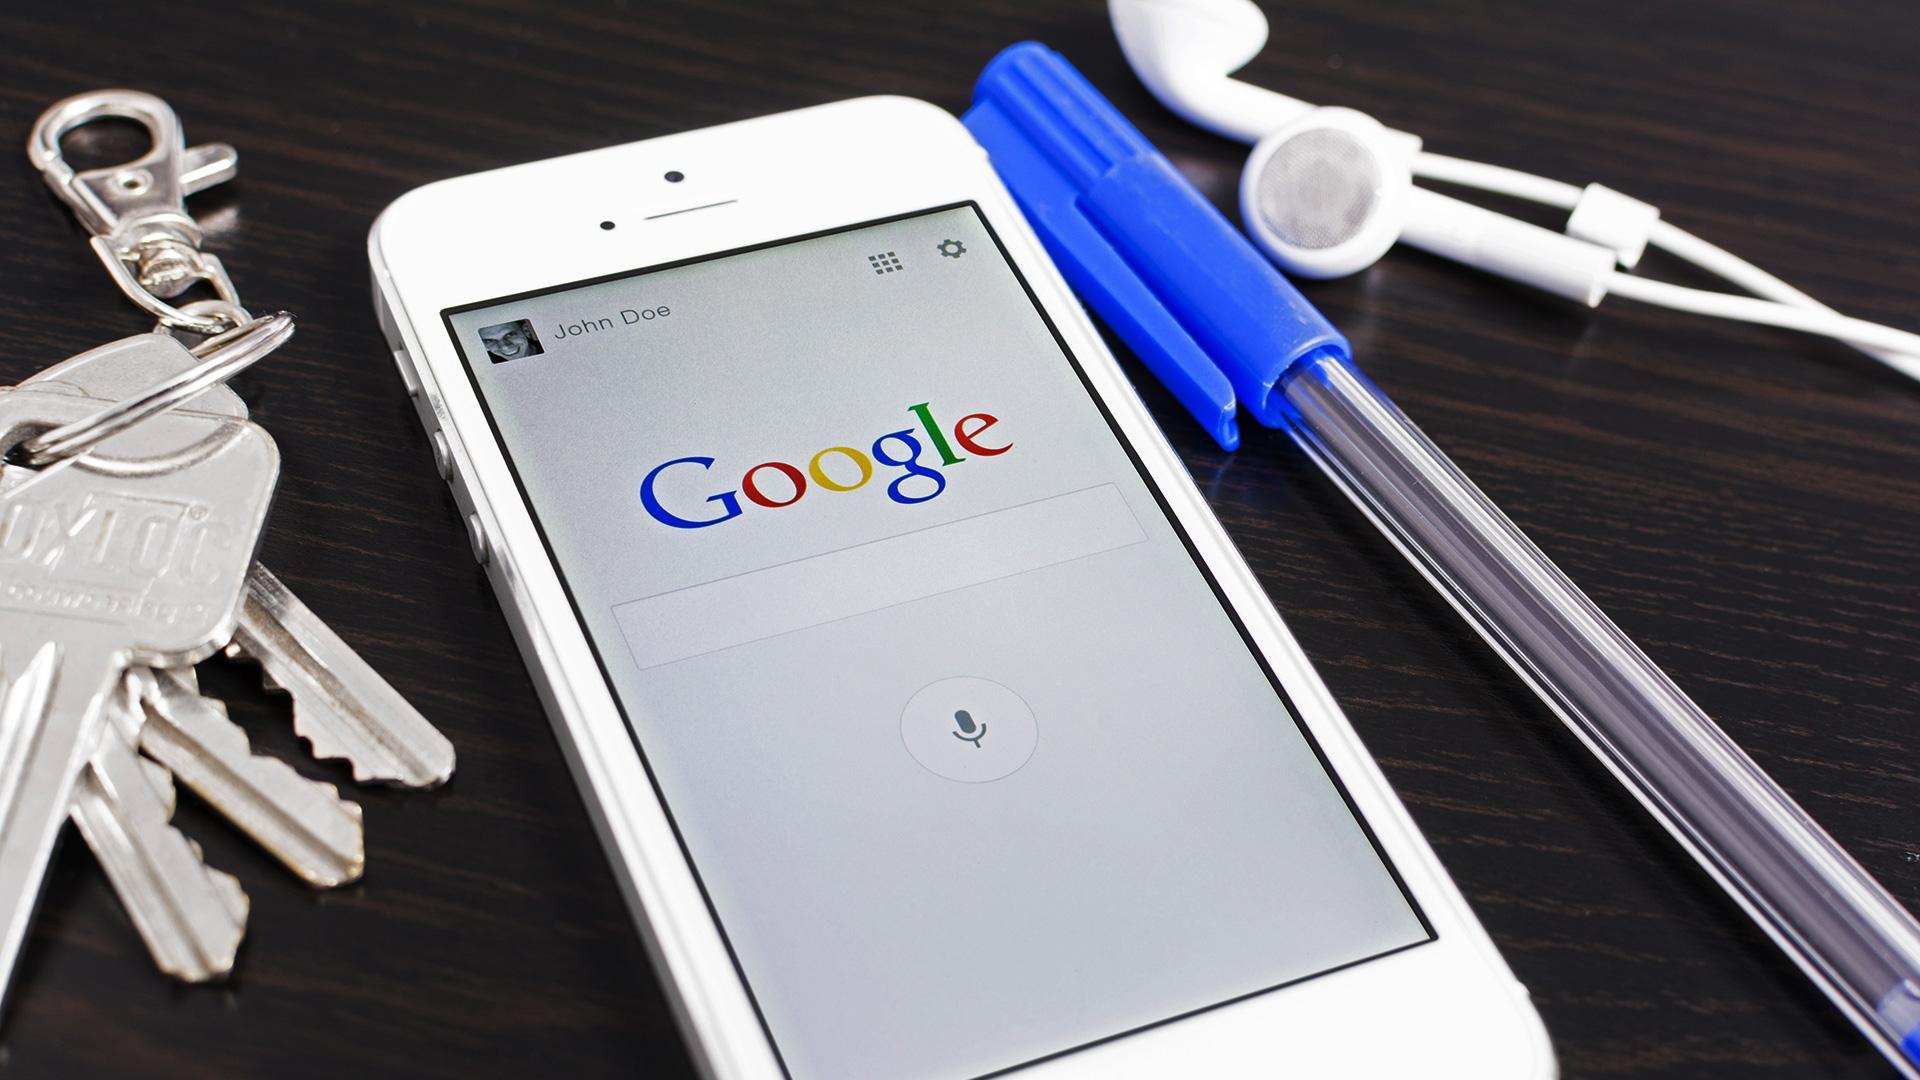 Google Smartphone Images Google Mobile Smartphone